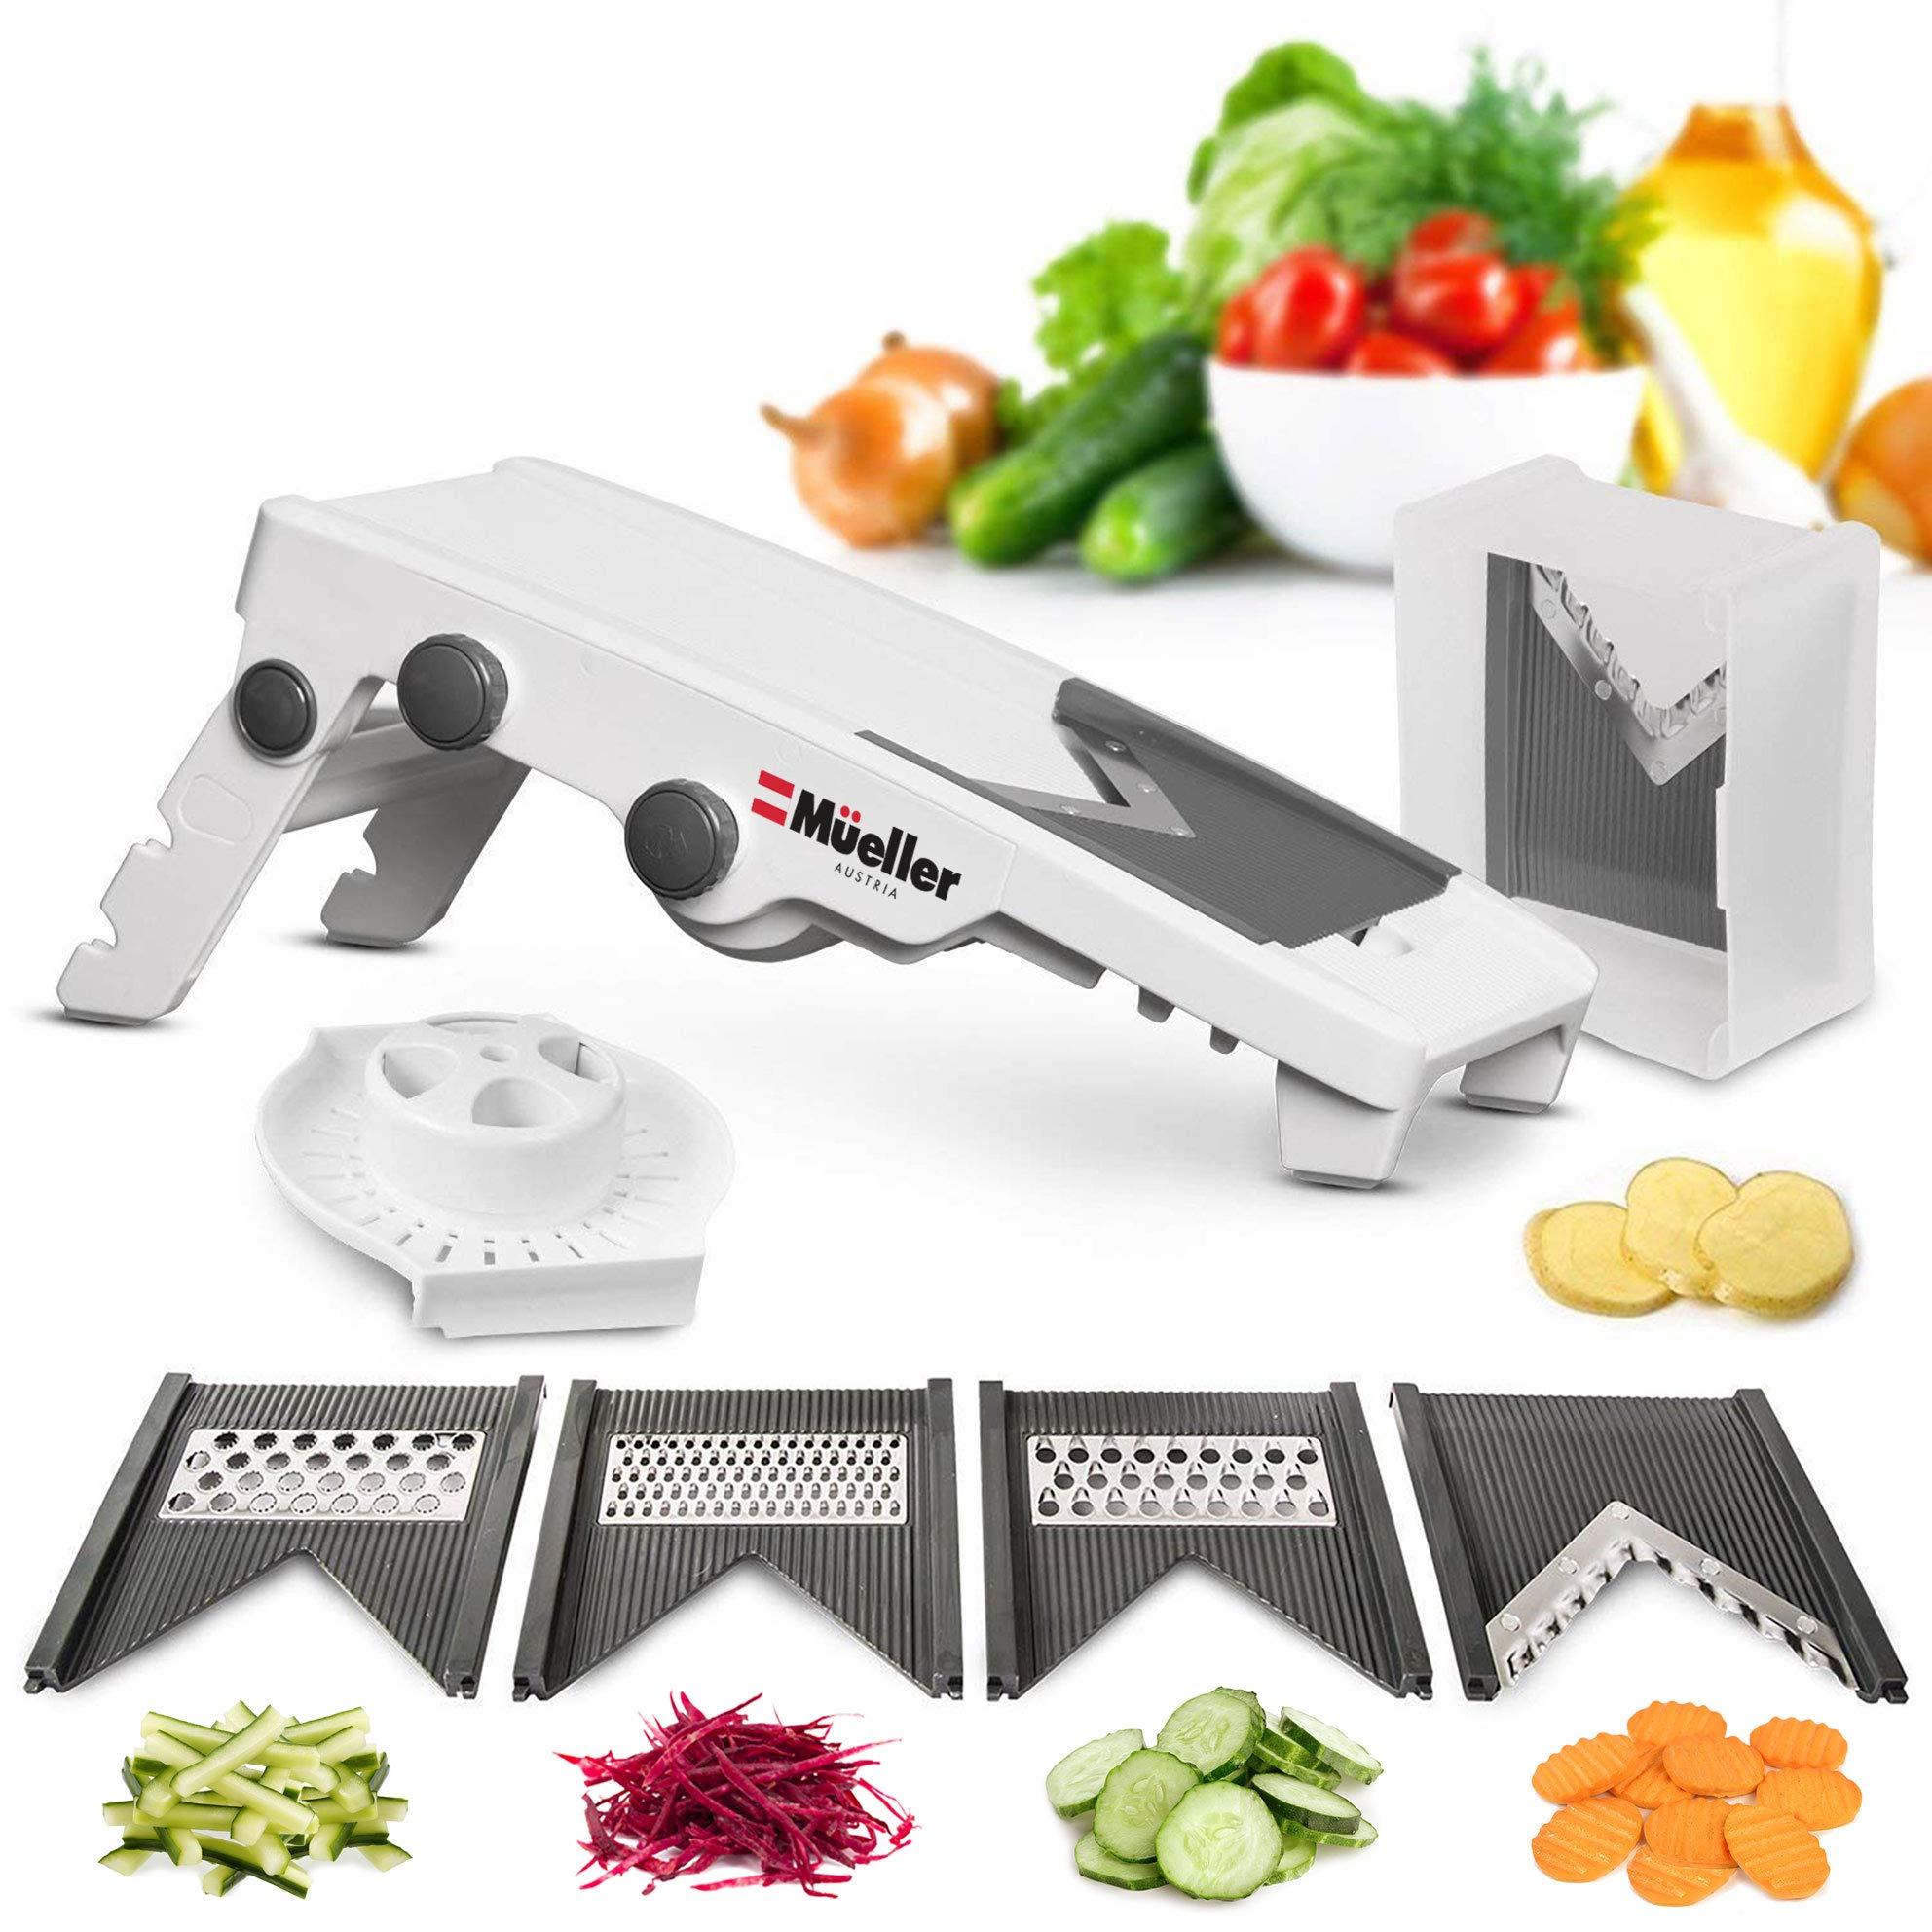 Mueller Austria V-Pro Multi Blade Adjustable Mandoline Slicer and Vegetable Julienner with Precise Maximum Adjustability